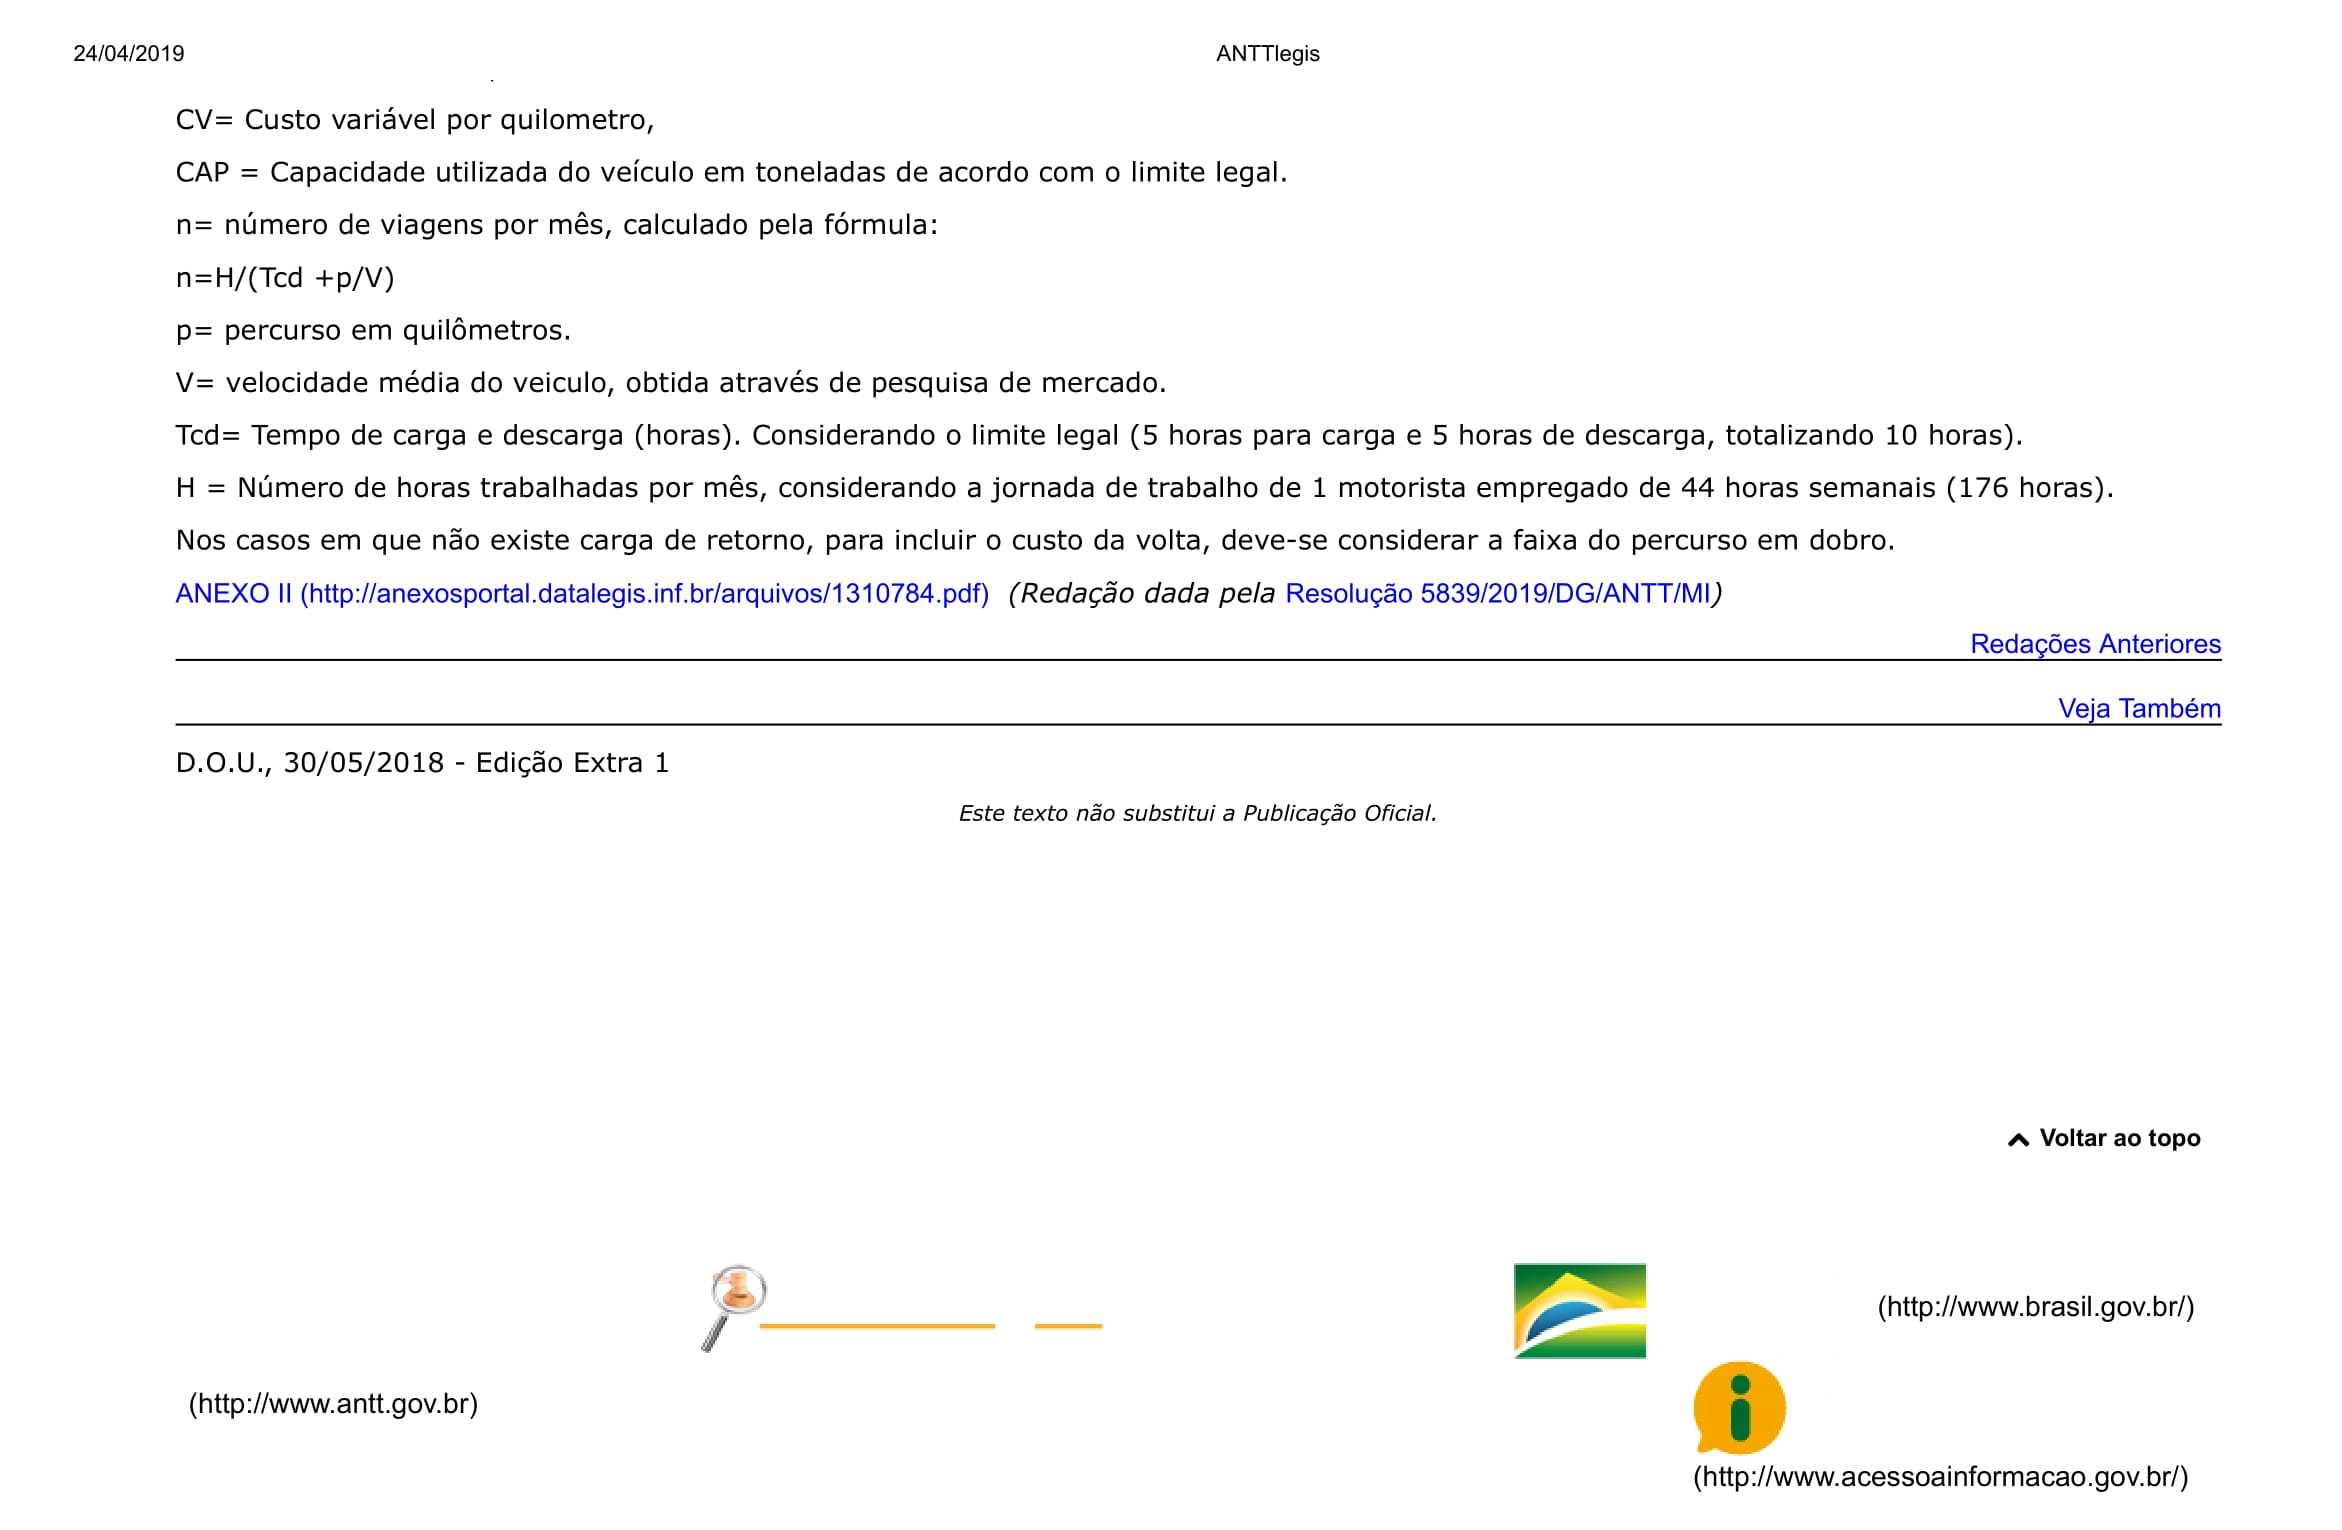 ANTTlegis-4.jpg